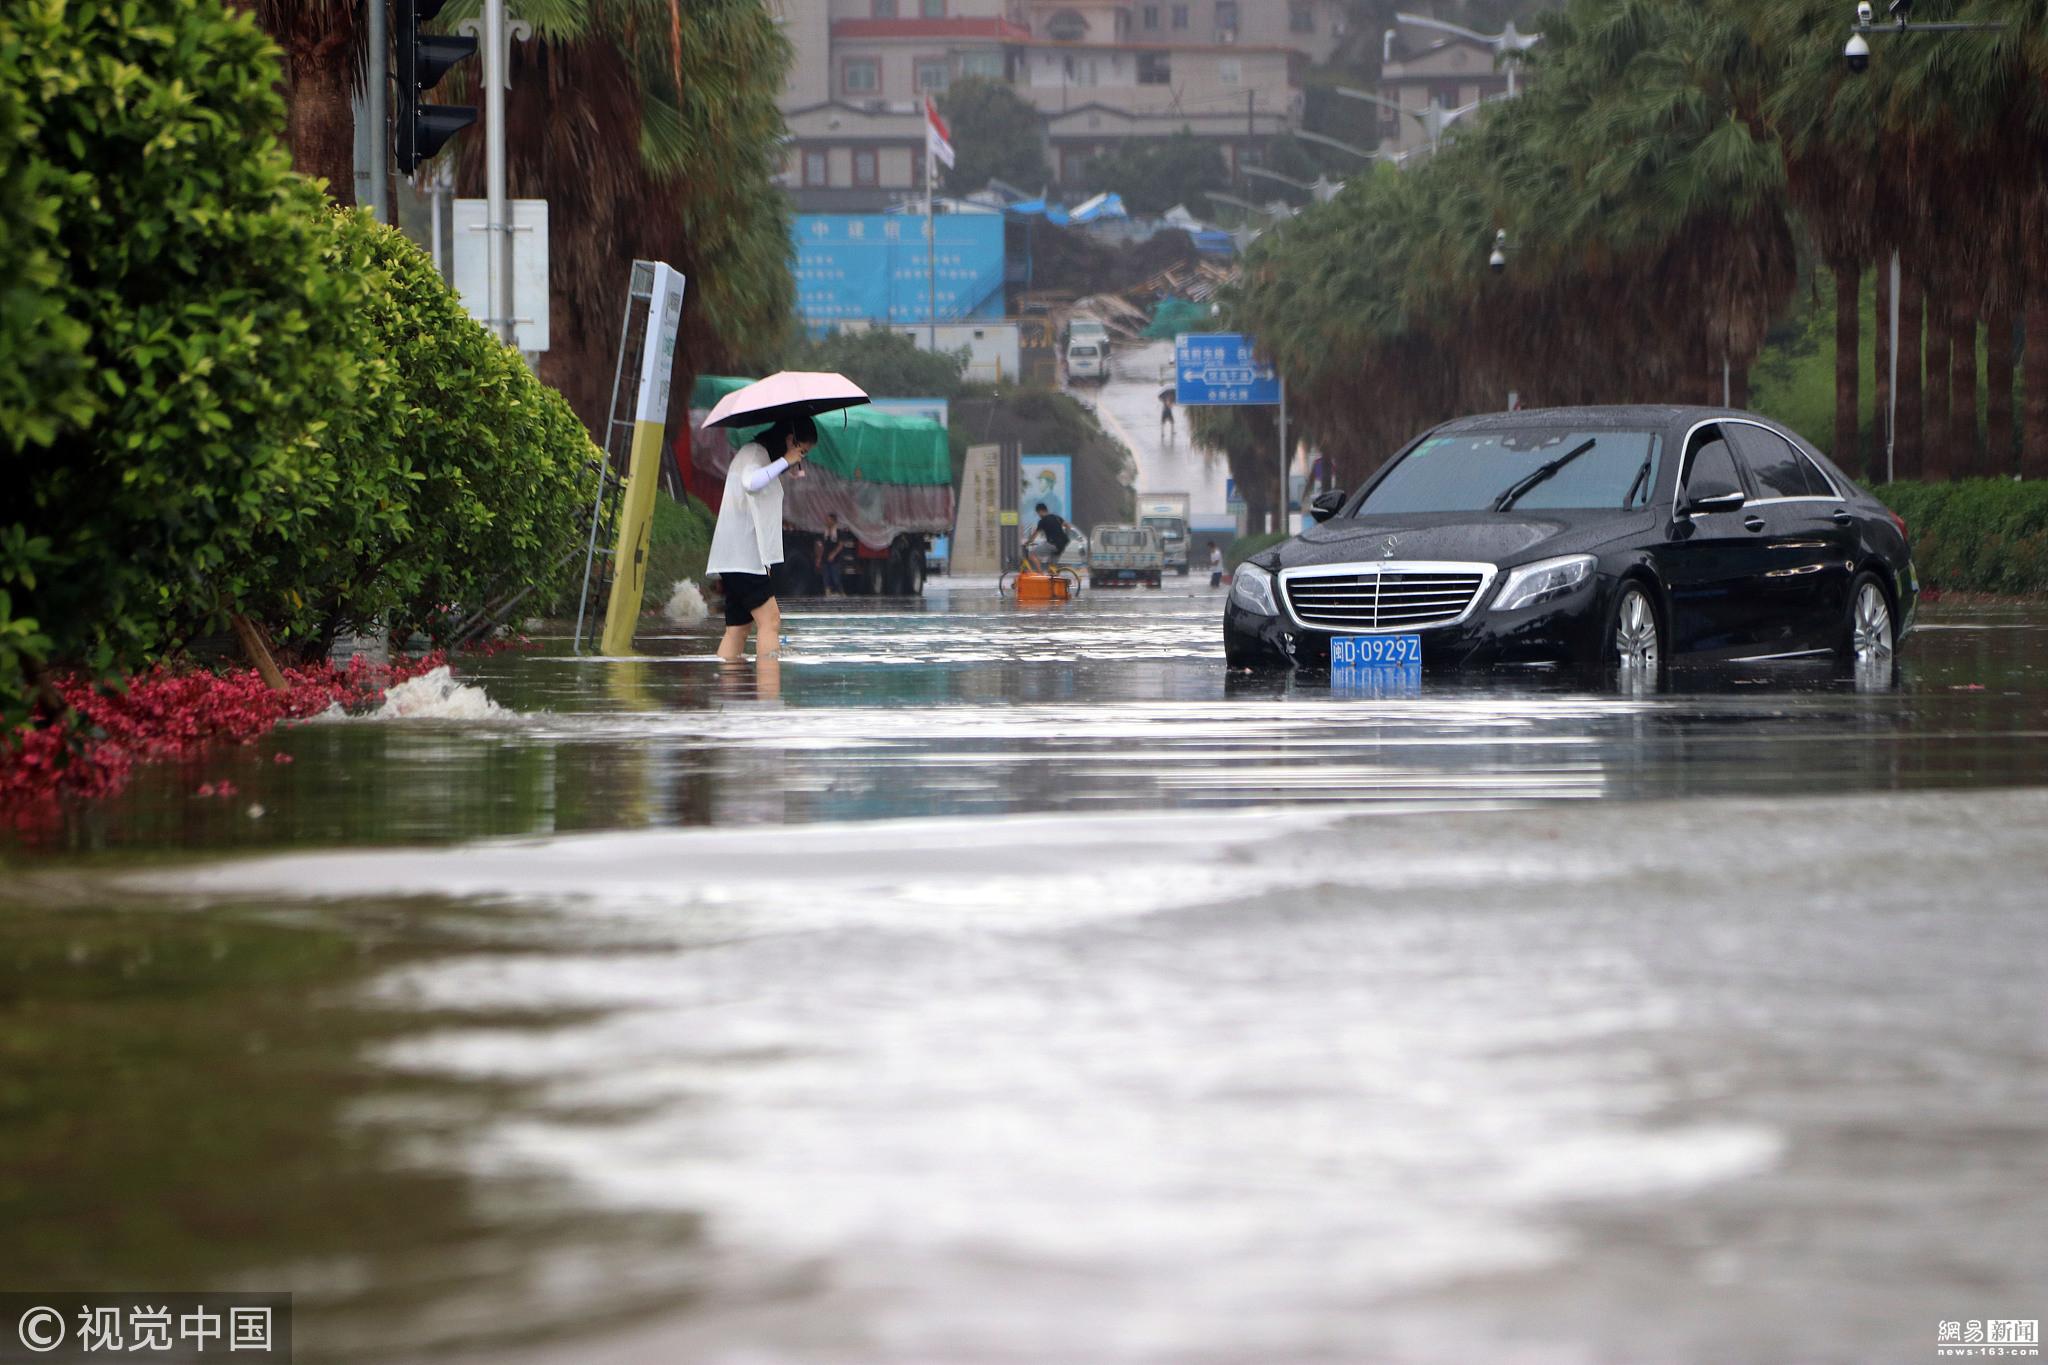 厦门遭强降雨袭击 多路段积水严重! - 周公乐 - xinhua8848 的博客